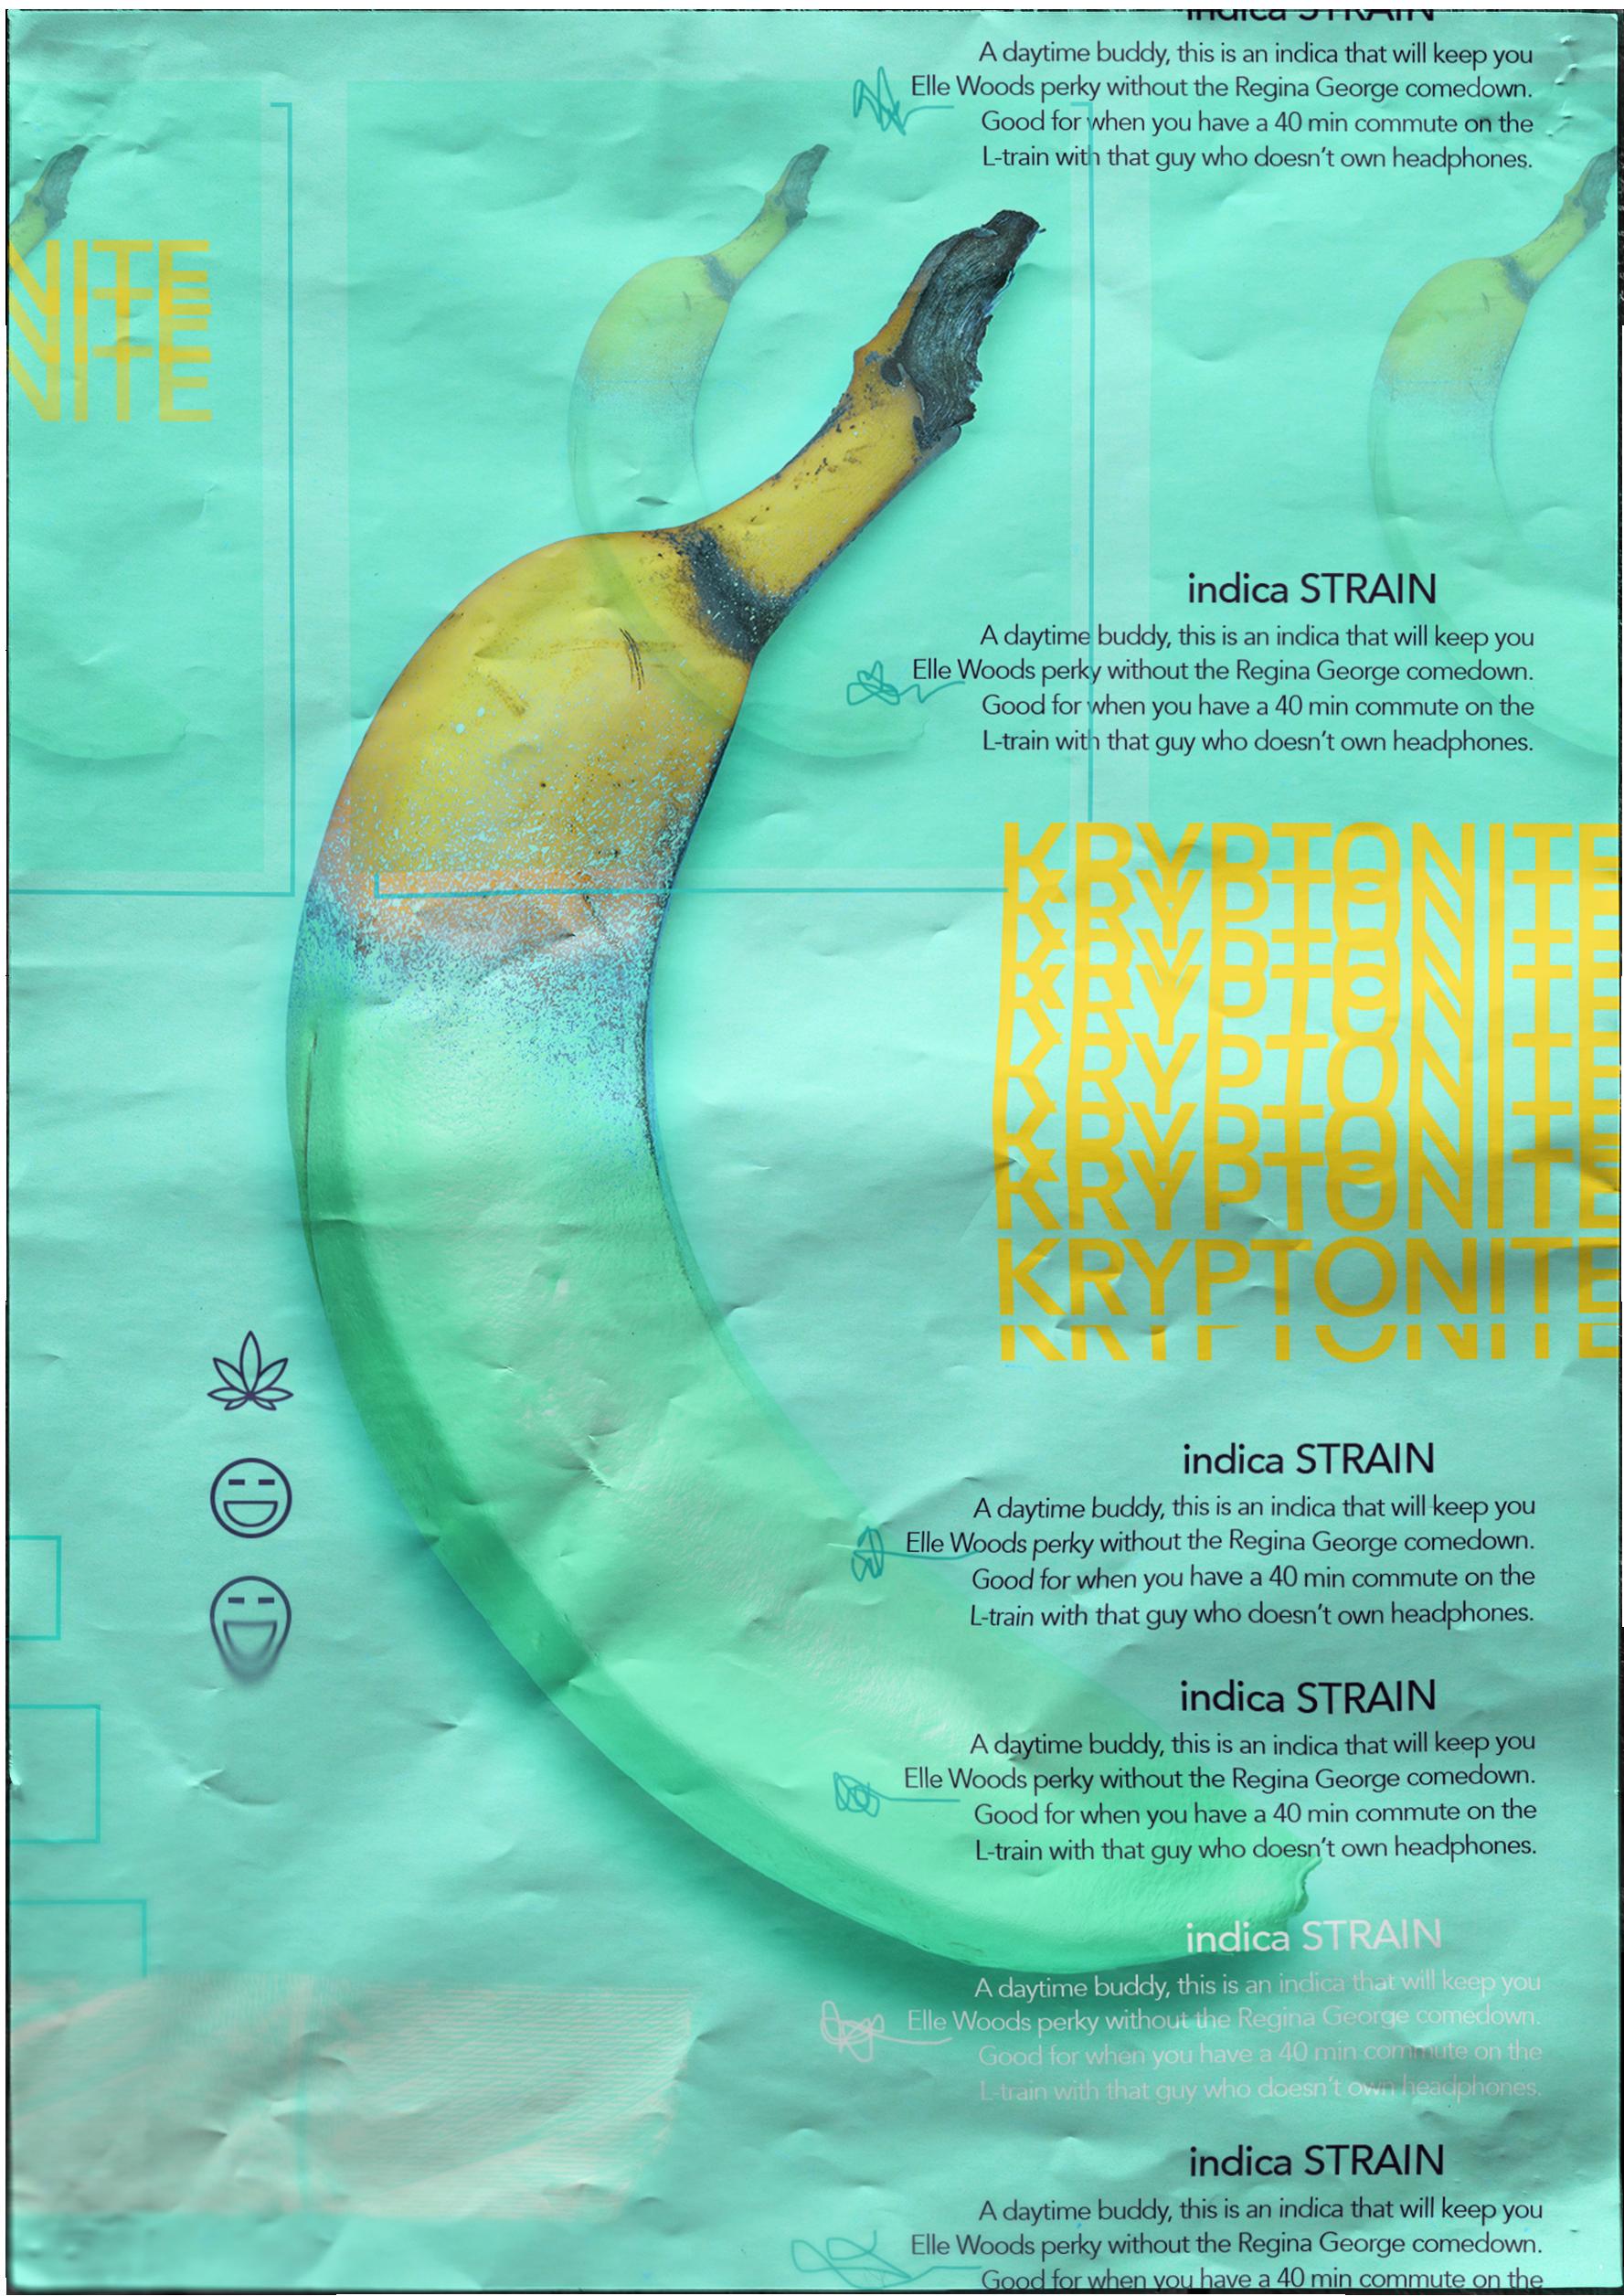 Krypotonite Poster.png